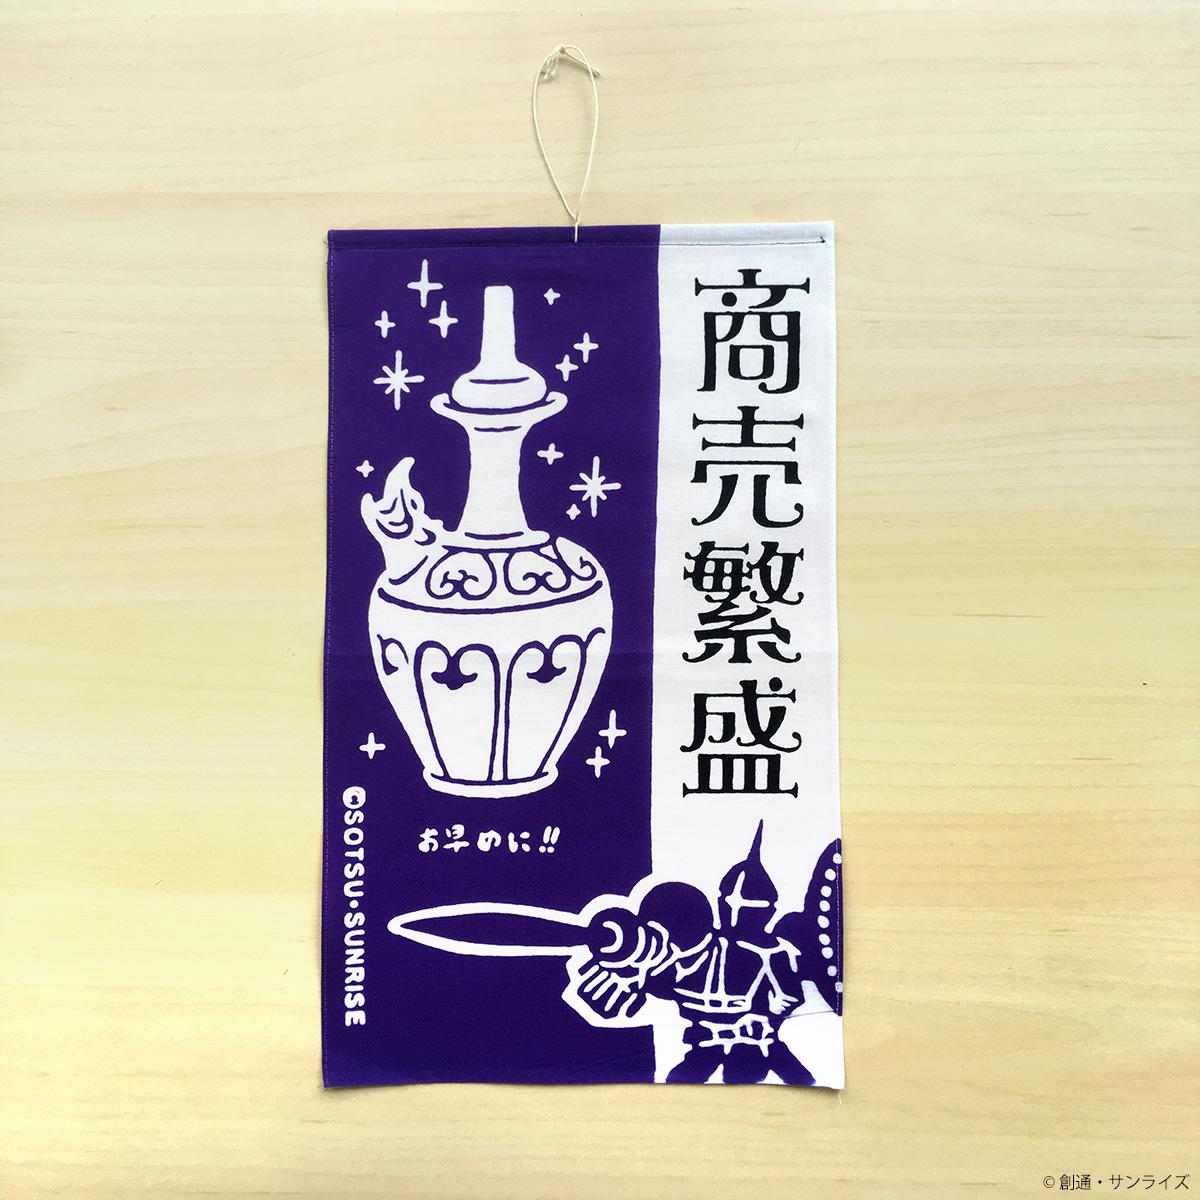 STRICT-G × かまわぬ『機動戦士ガンダム』招布 マ・クベの壺 商売繁盛